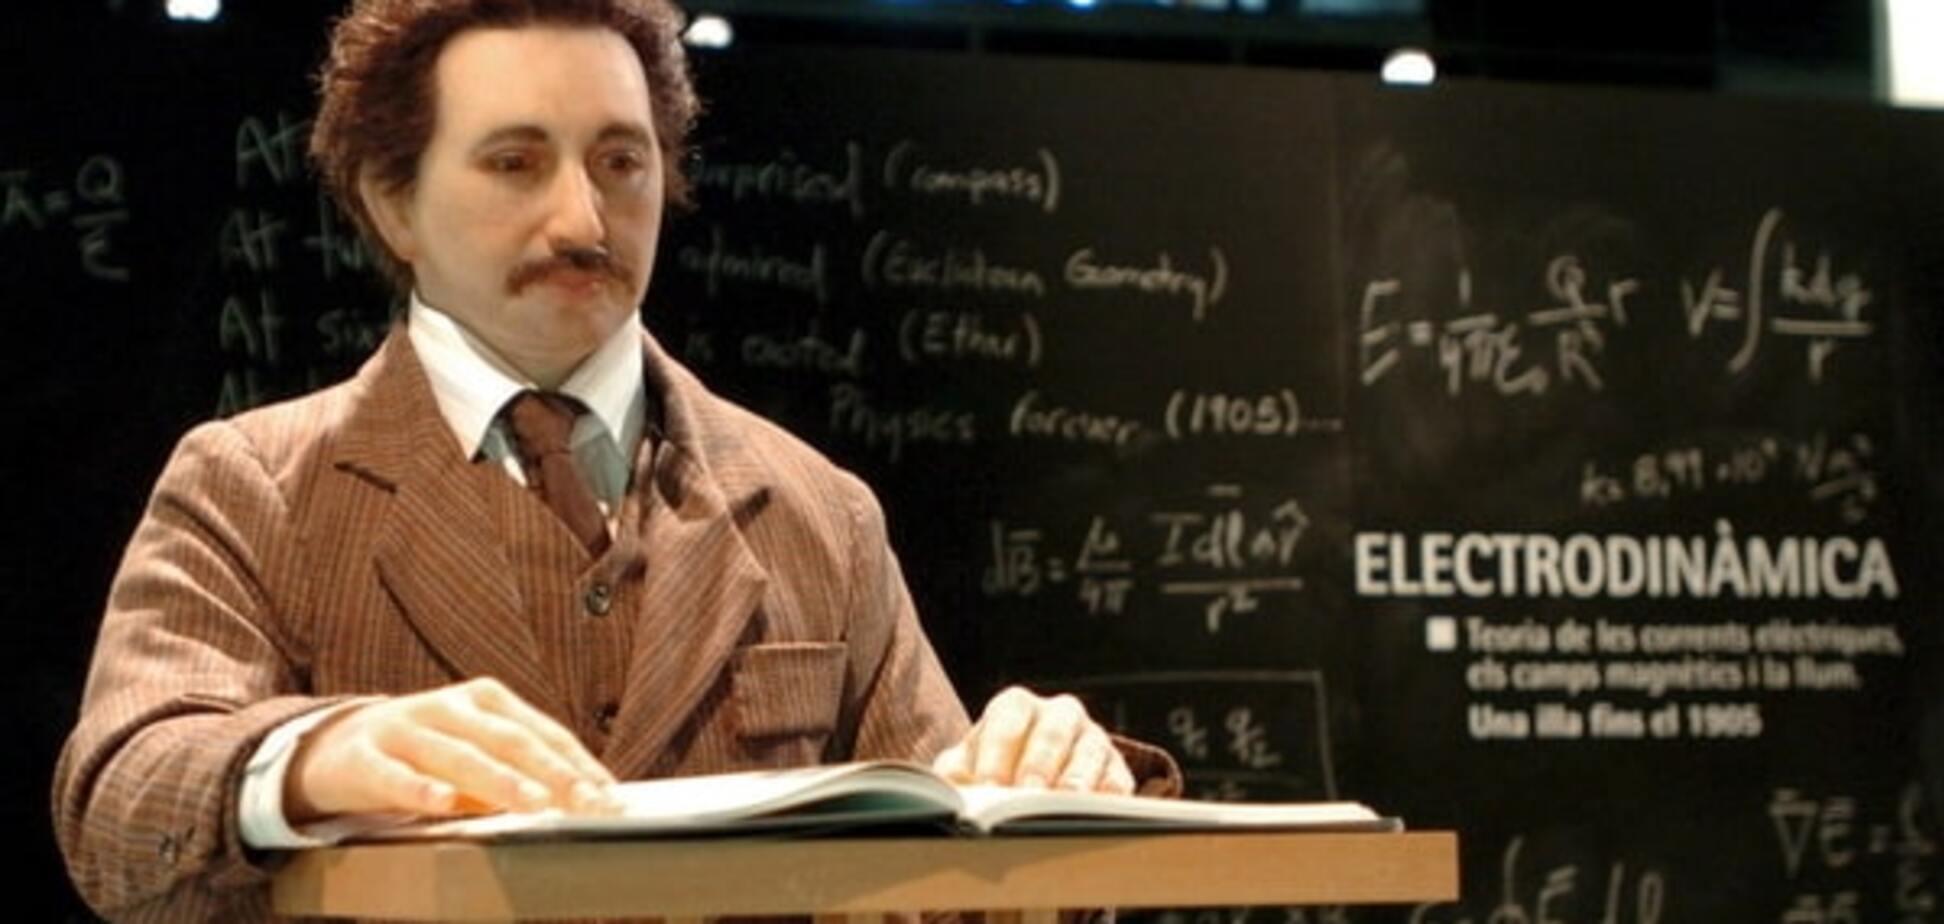 Як жив Альберт Ейнштейн: опубліковані рідкісні фото генія